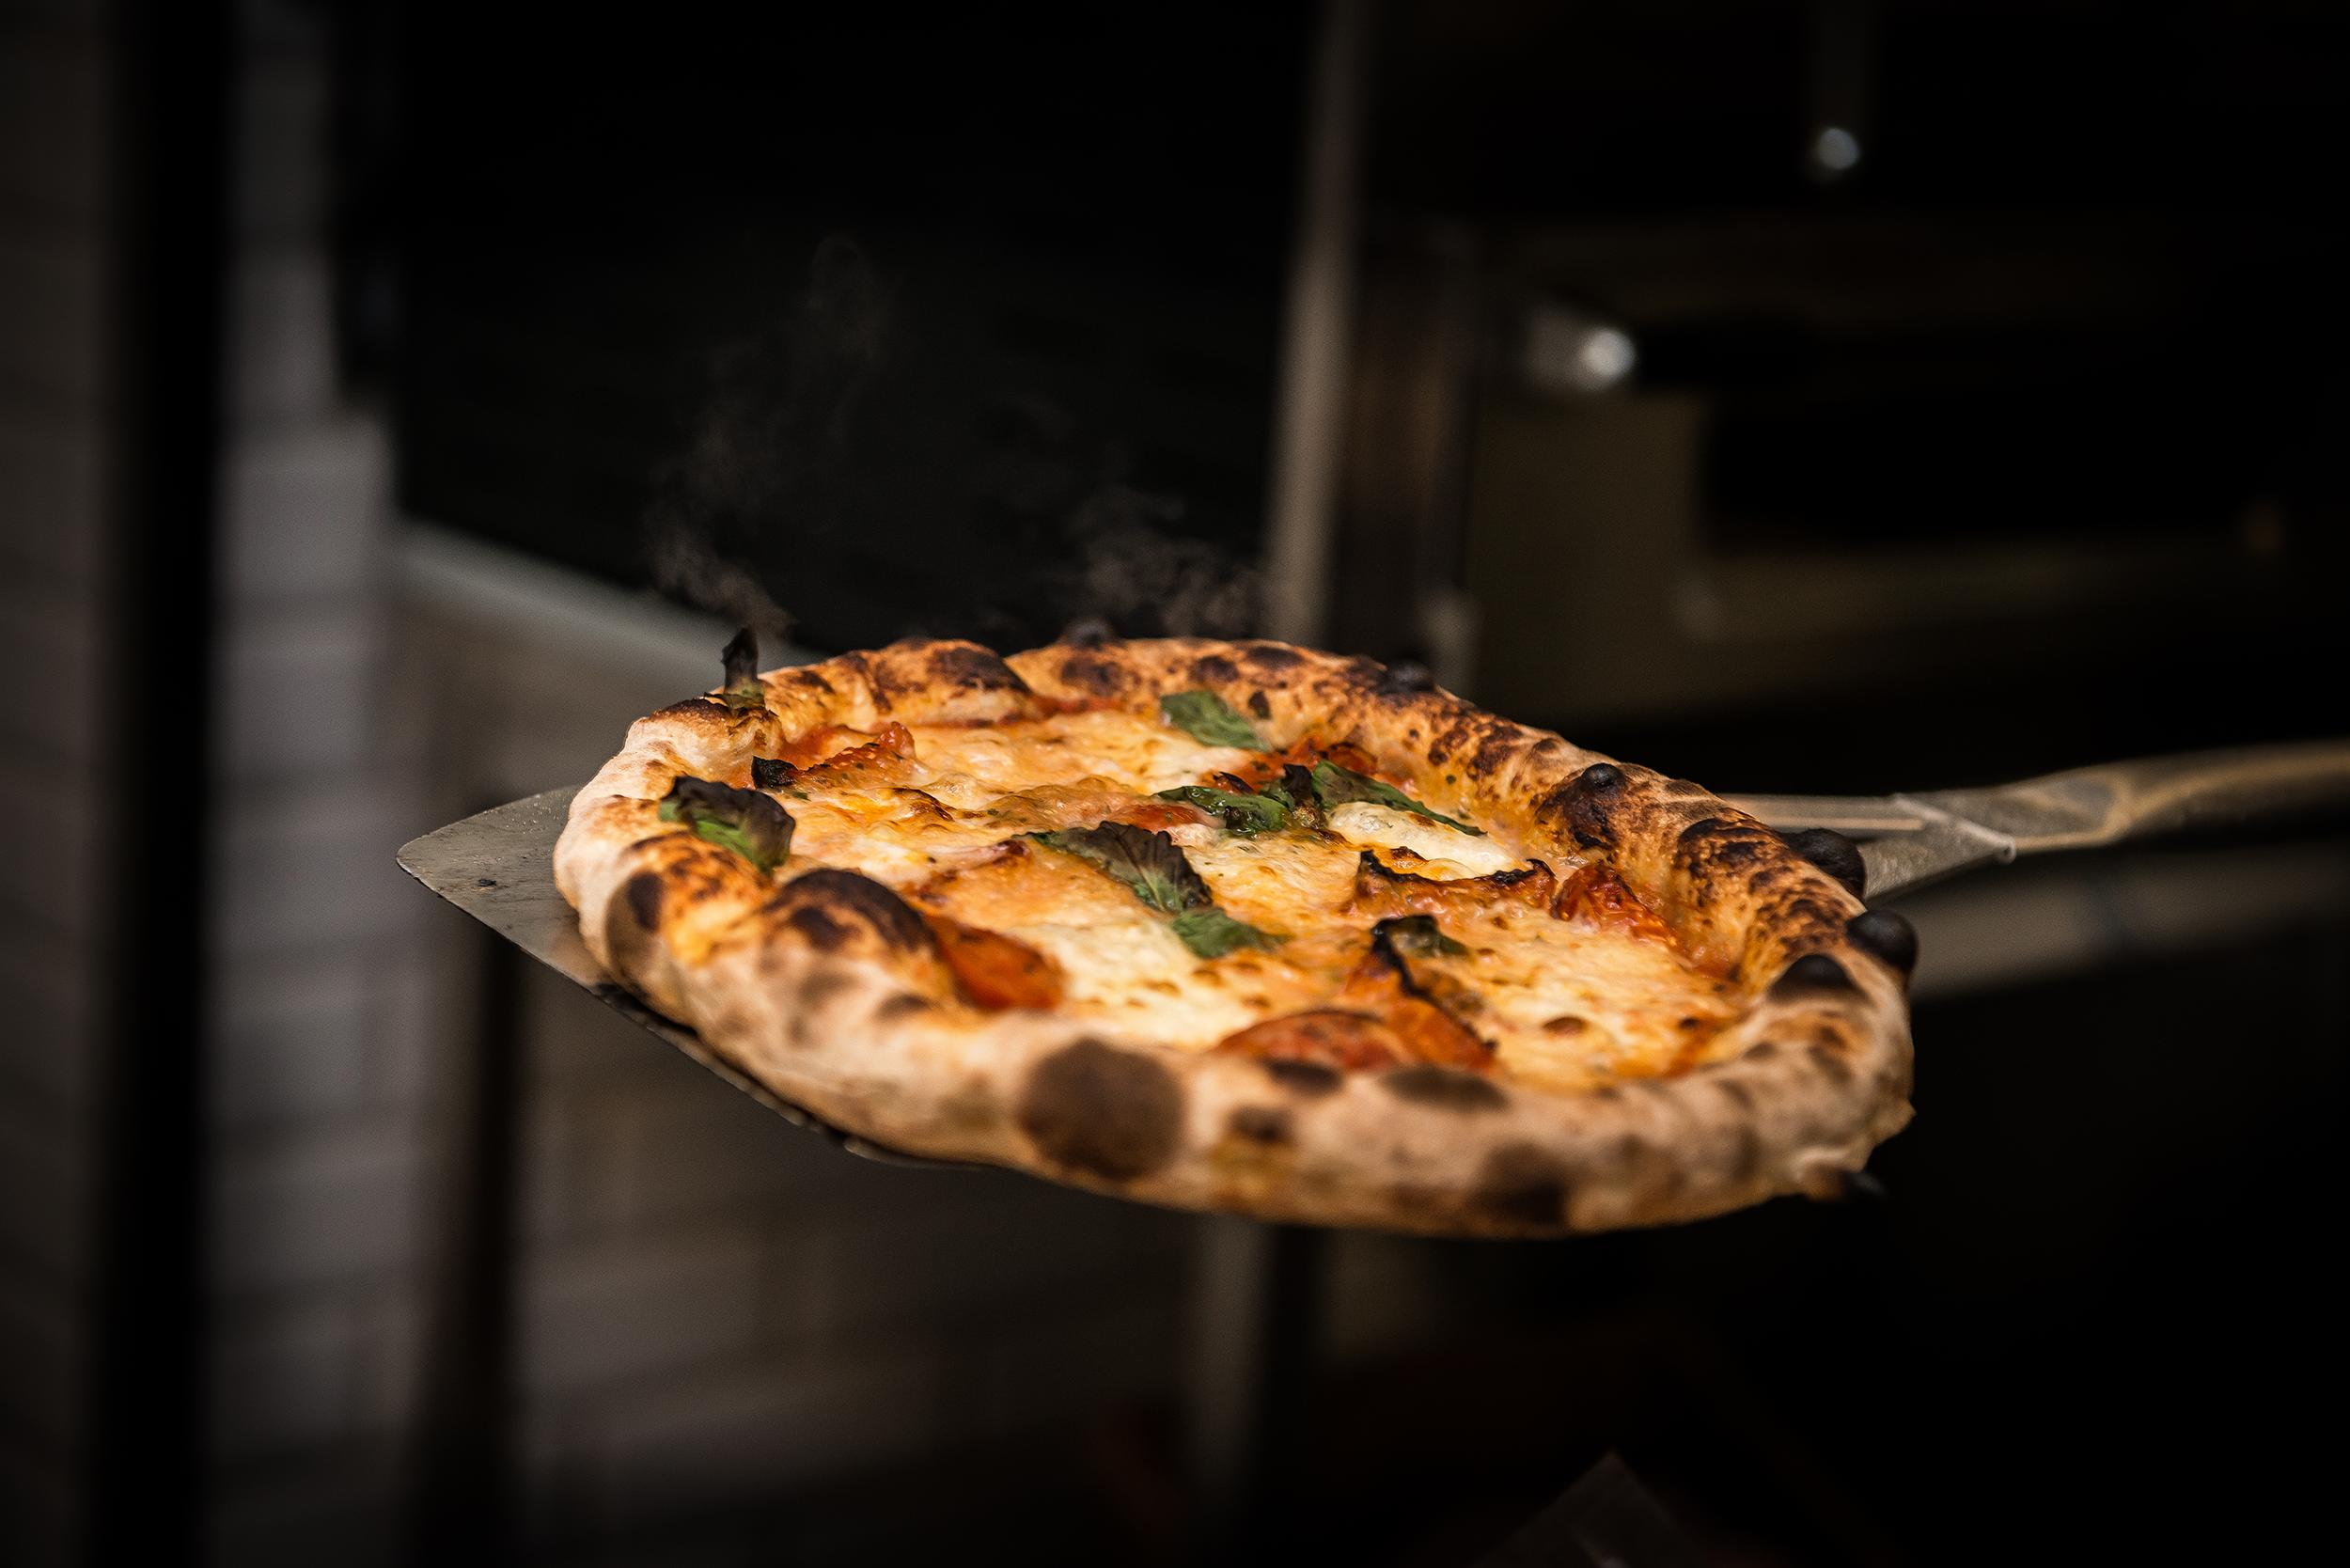 Pizza_bild3.png